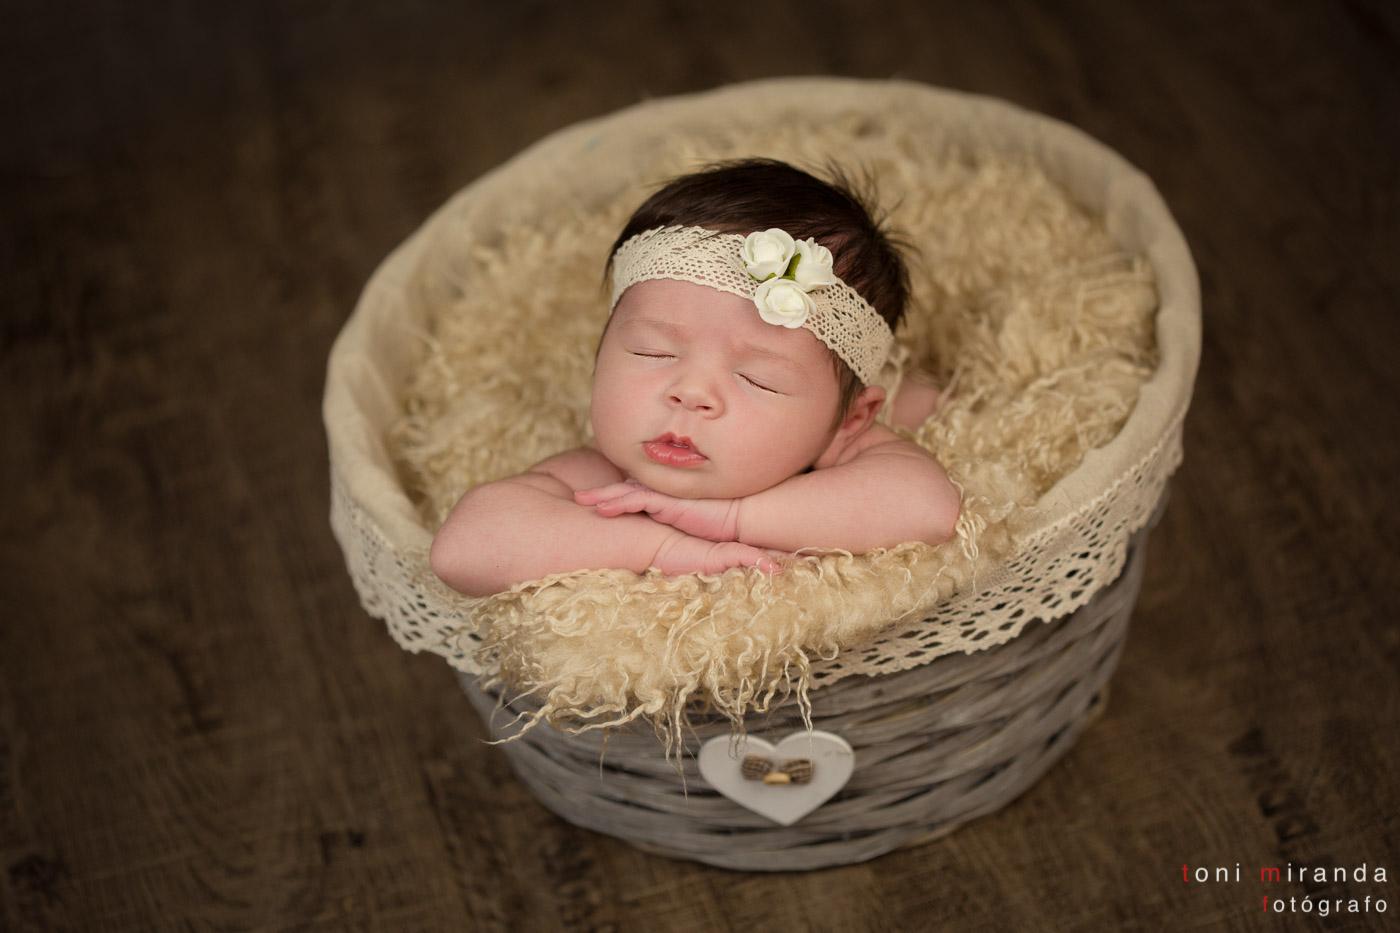 bebe recien nacido durmiendo en cesta con florecitas en la cabeza